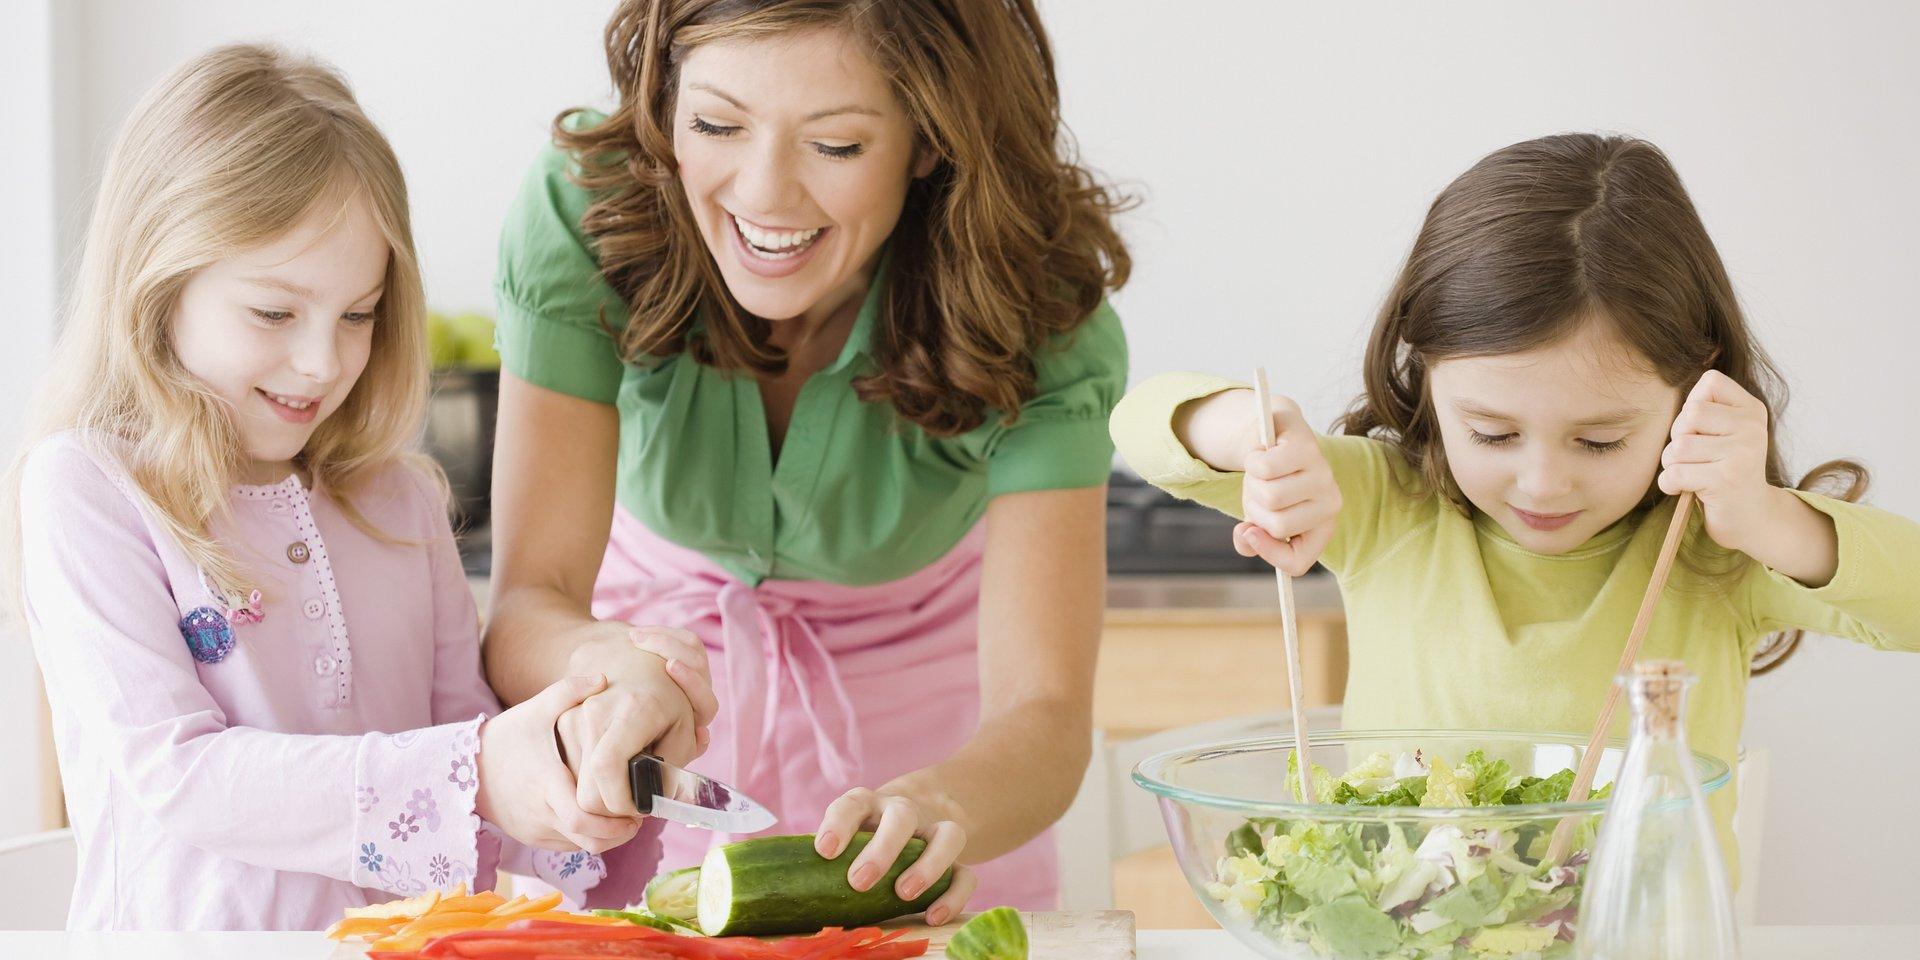 Cozinhe com amor e surpreenda a sua Mãe